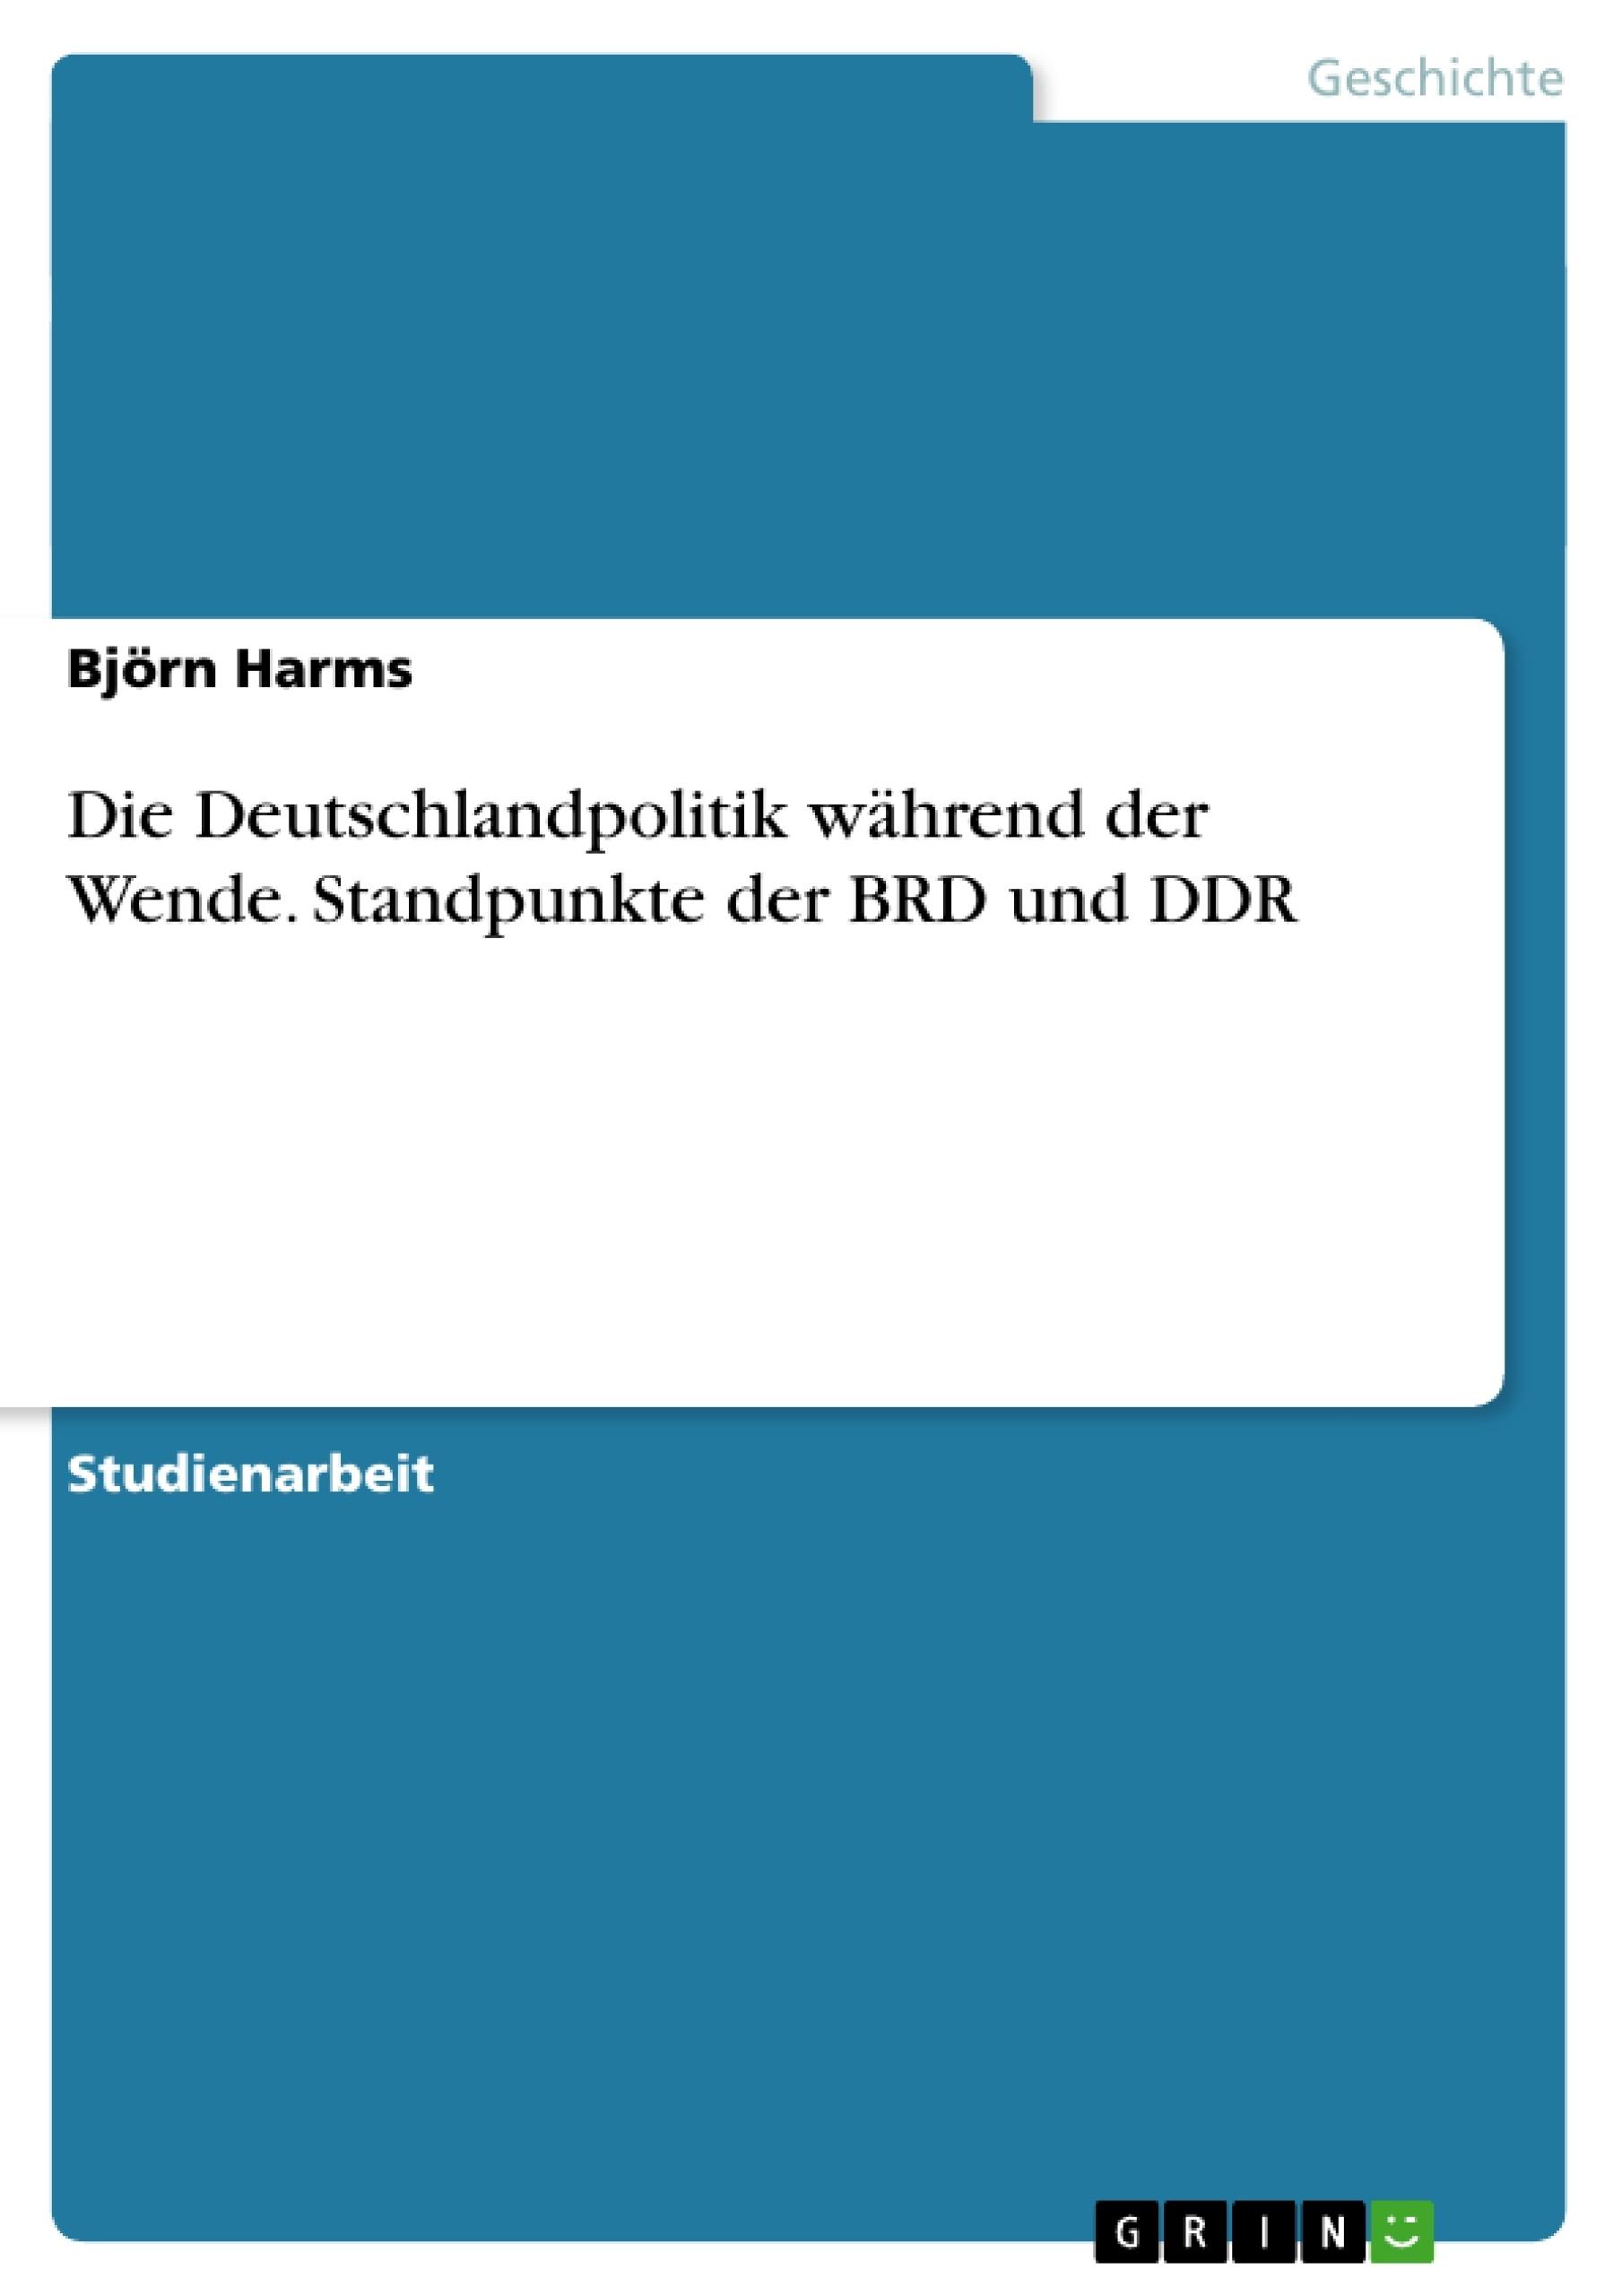 Titel: Die Deutschlandpolitik während der Wende. Standpunkte der BRD und DDR